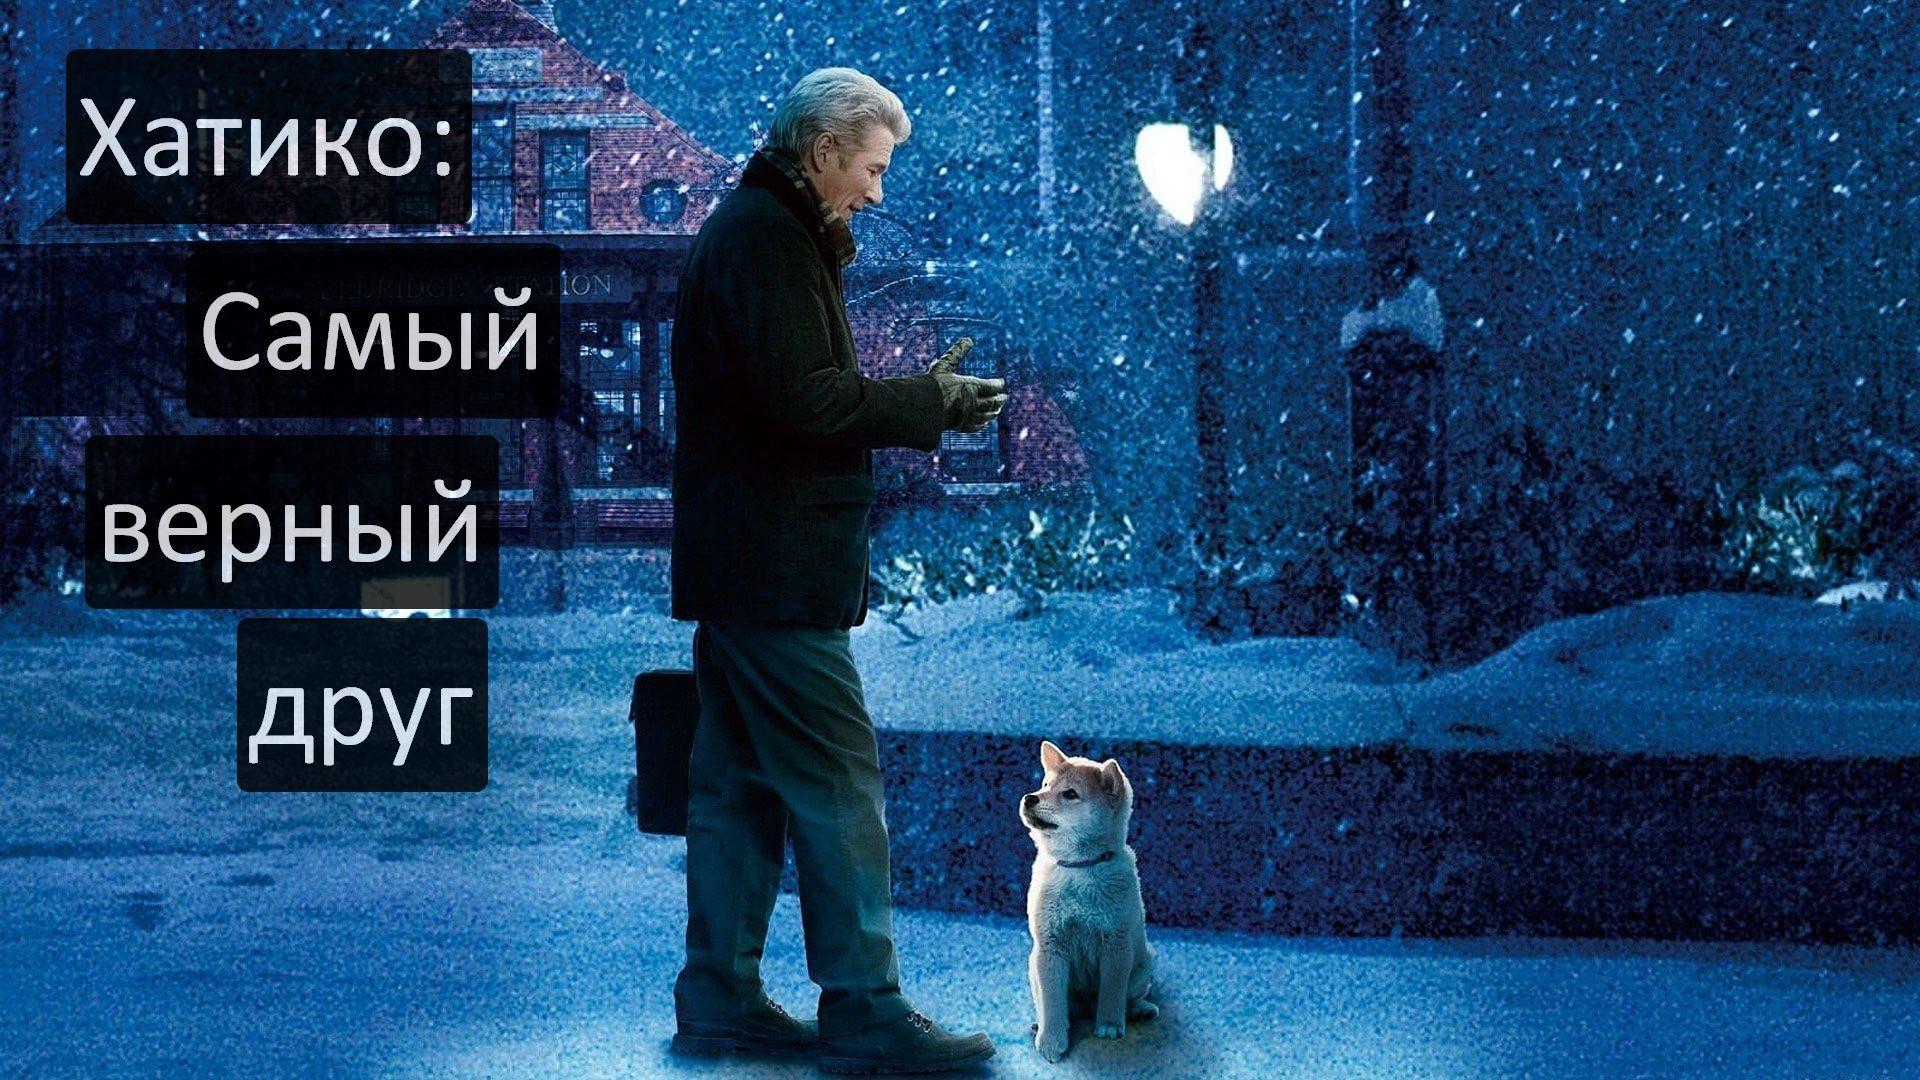 Фильм, который стоит посмотреть: «Хатико: Самый верный друг»